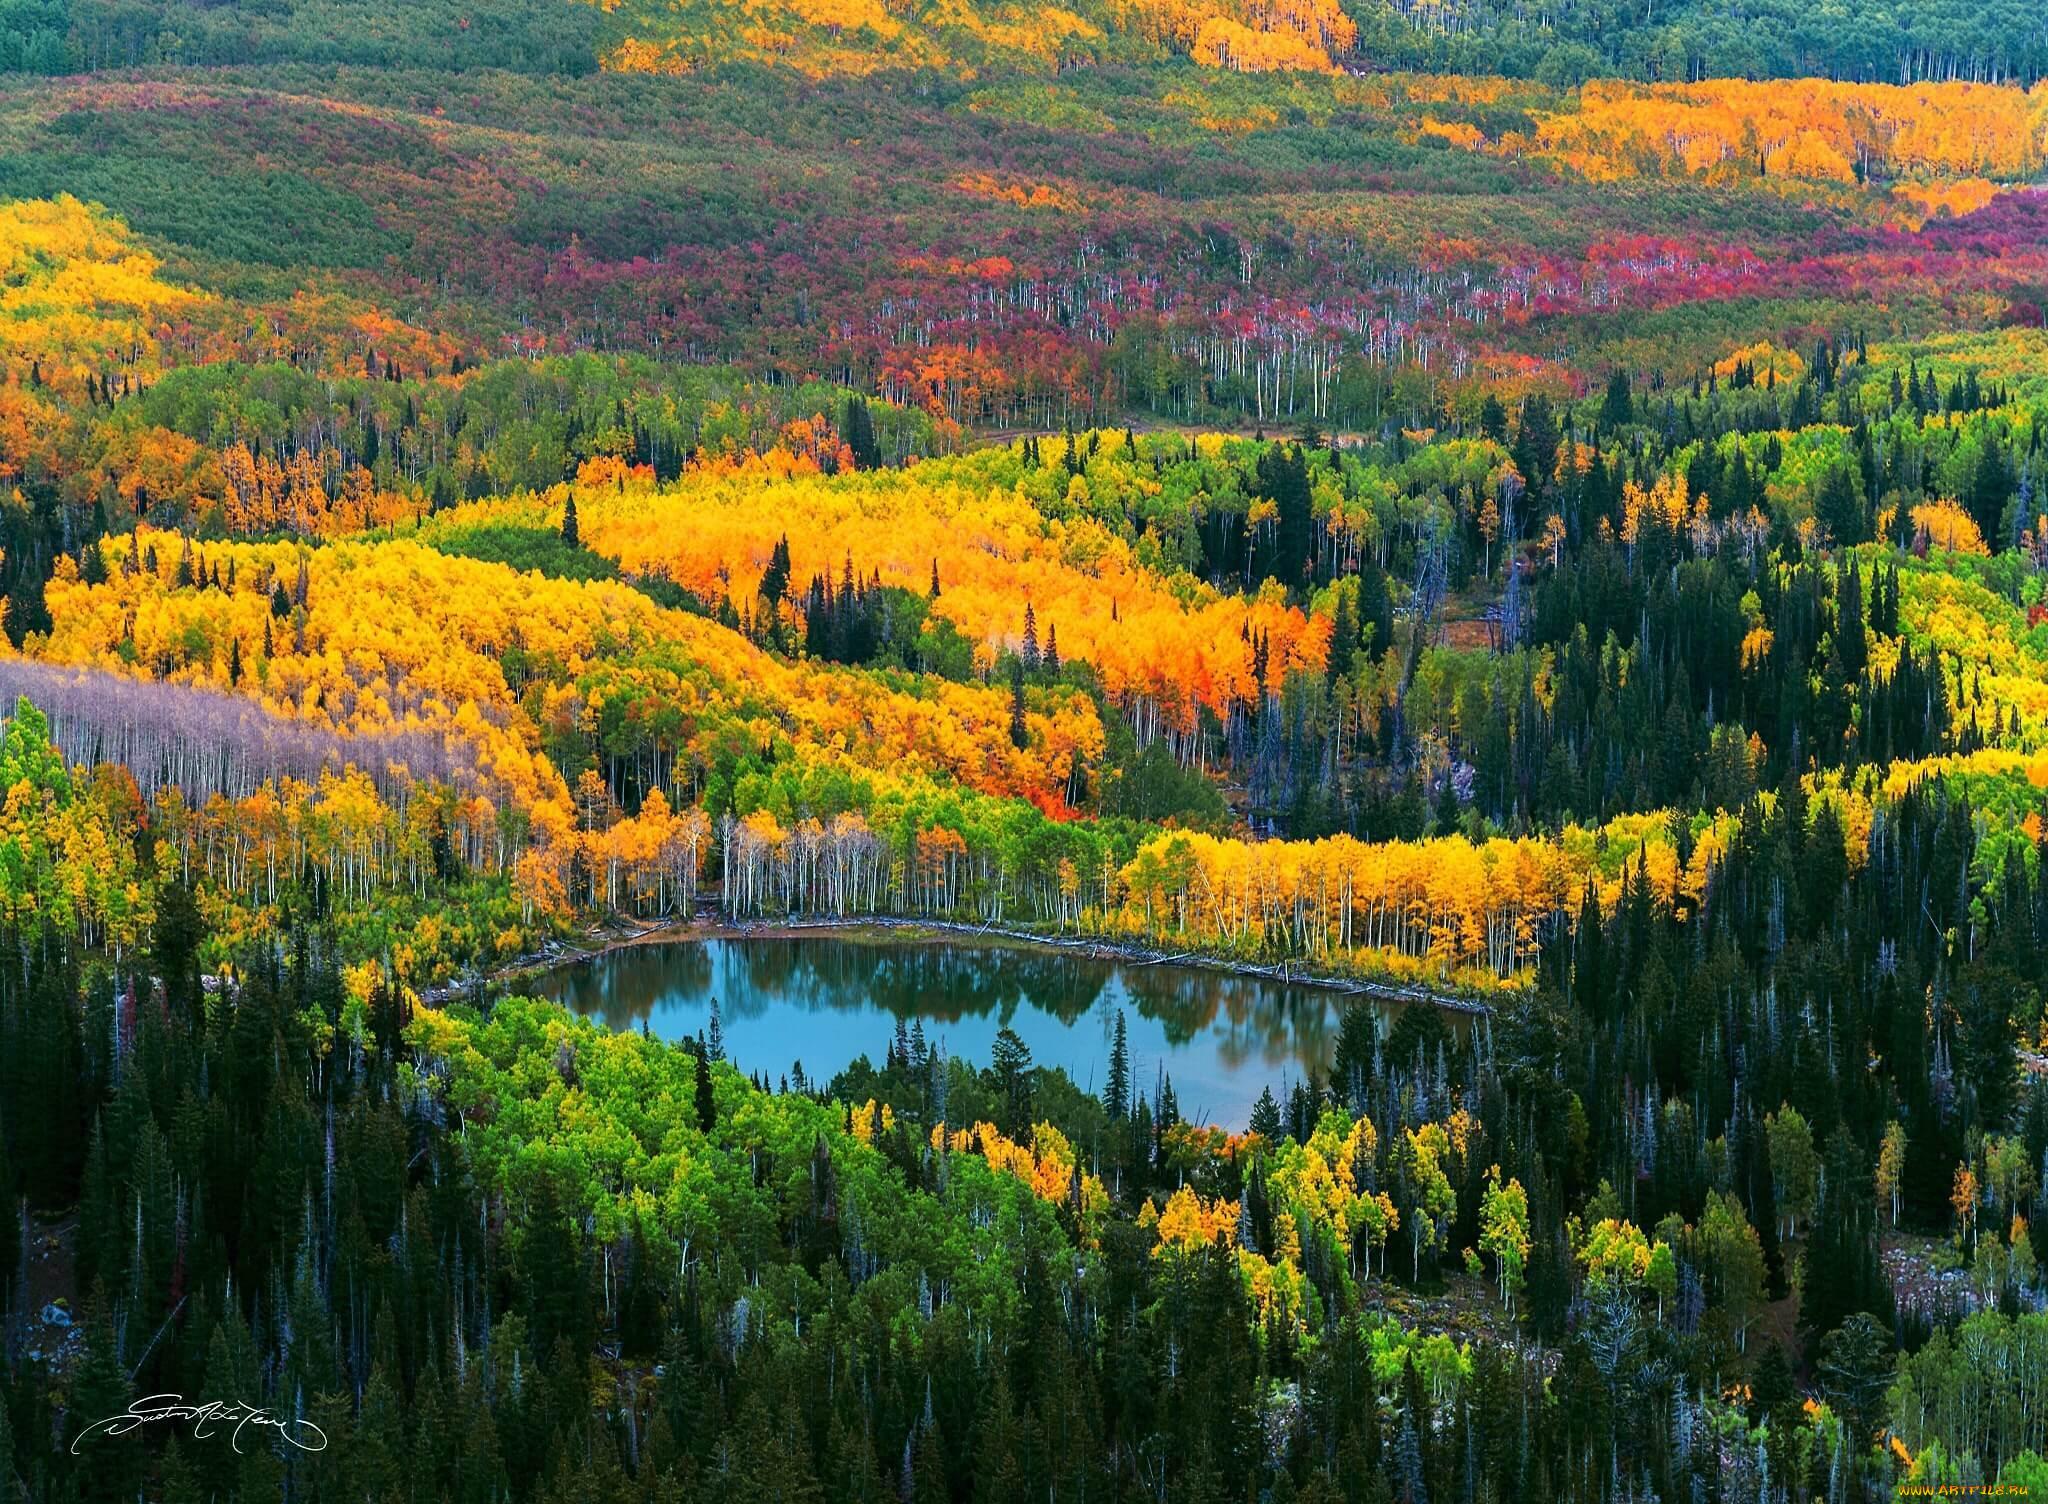 Картинки смешанных лесов дальнего востока